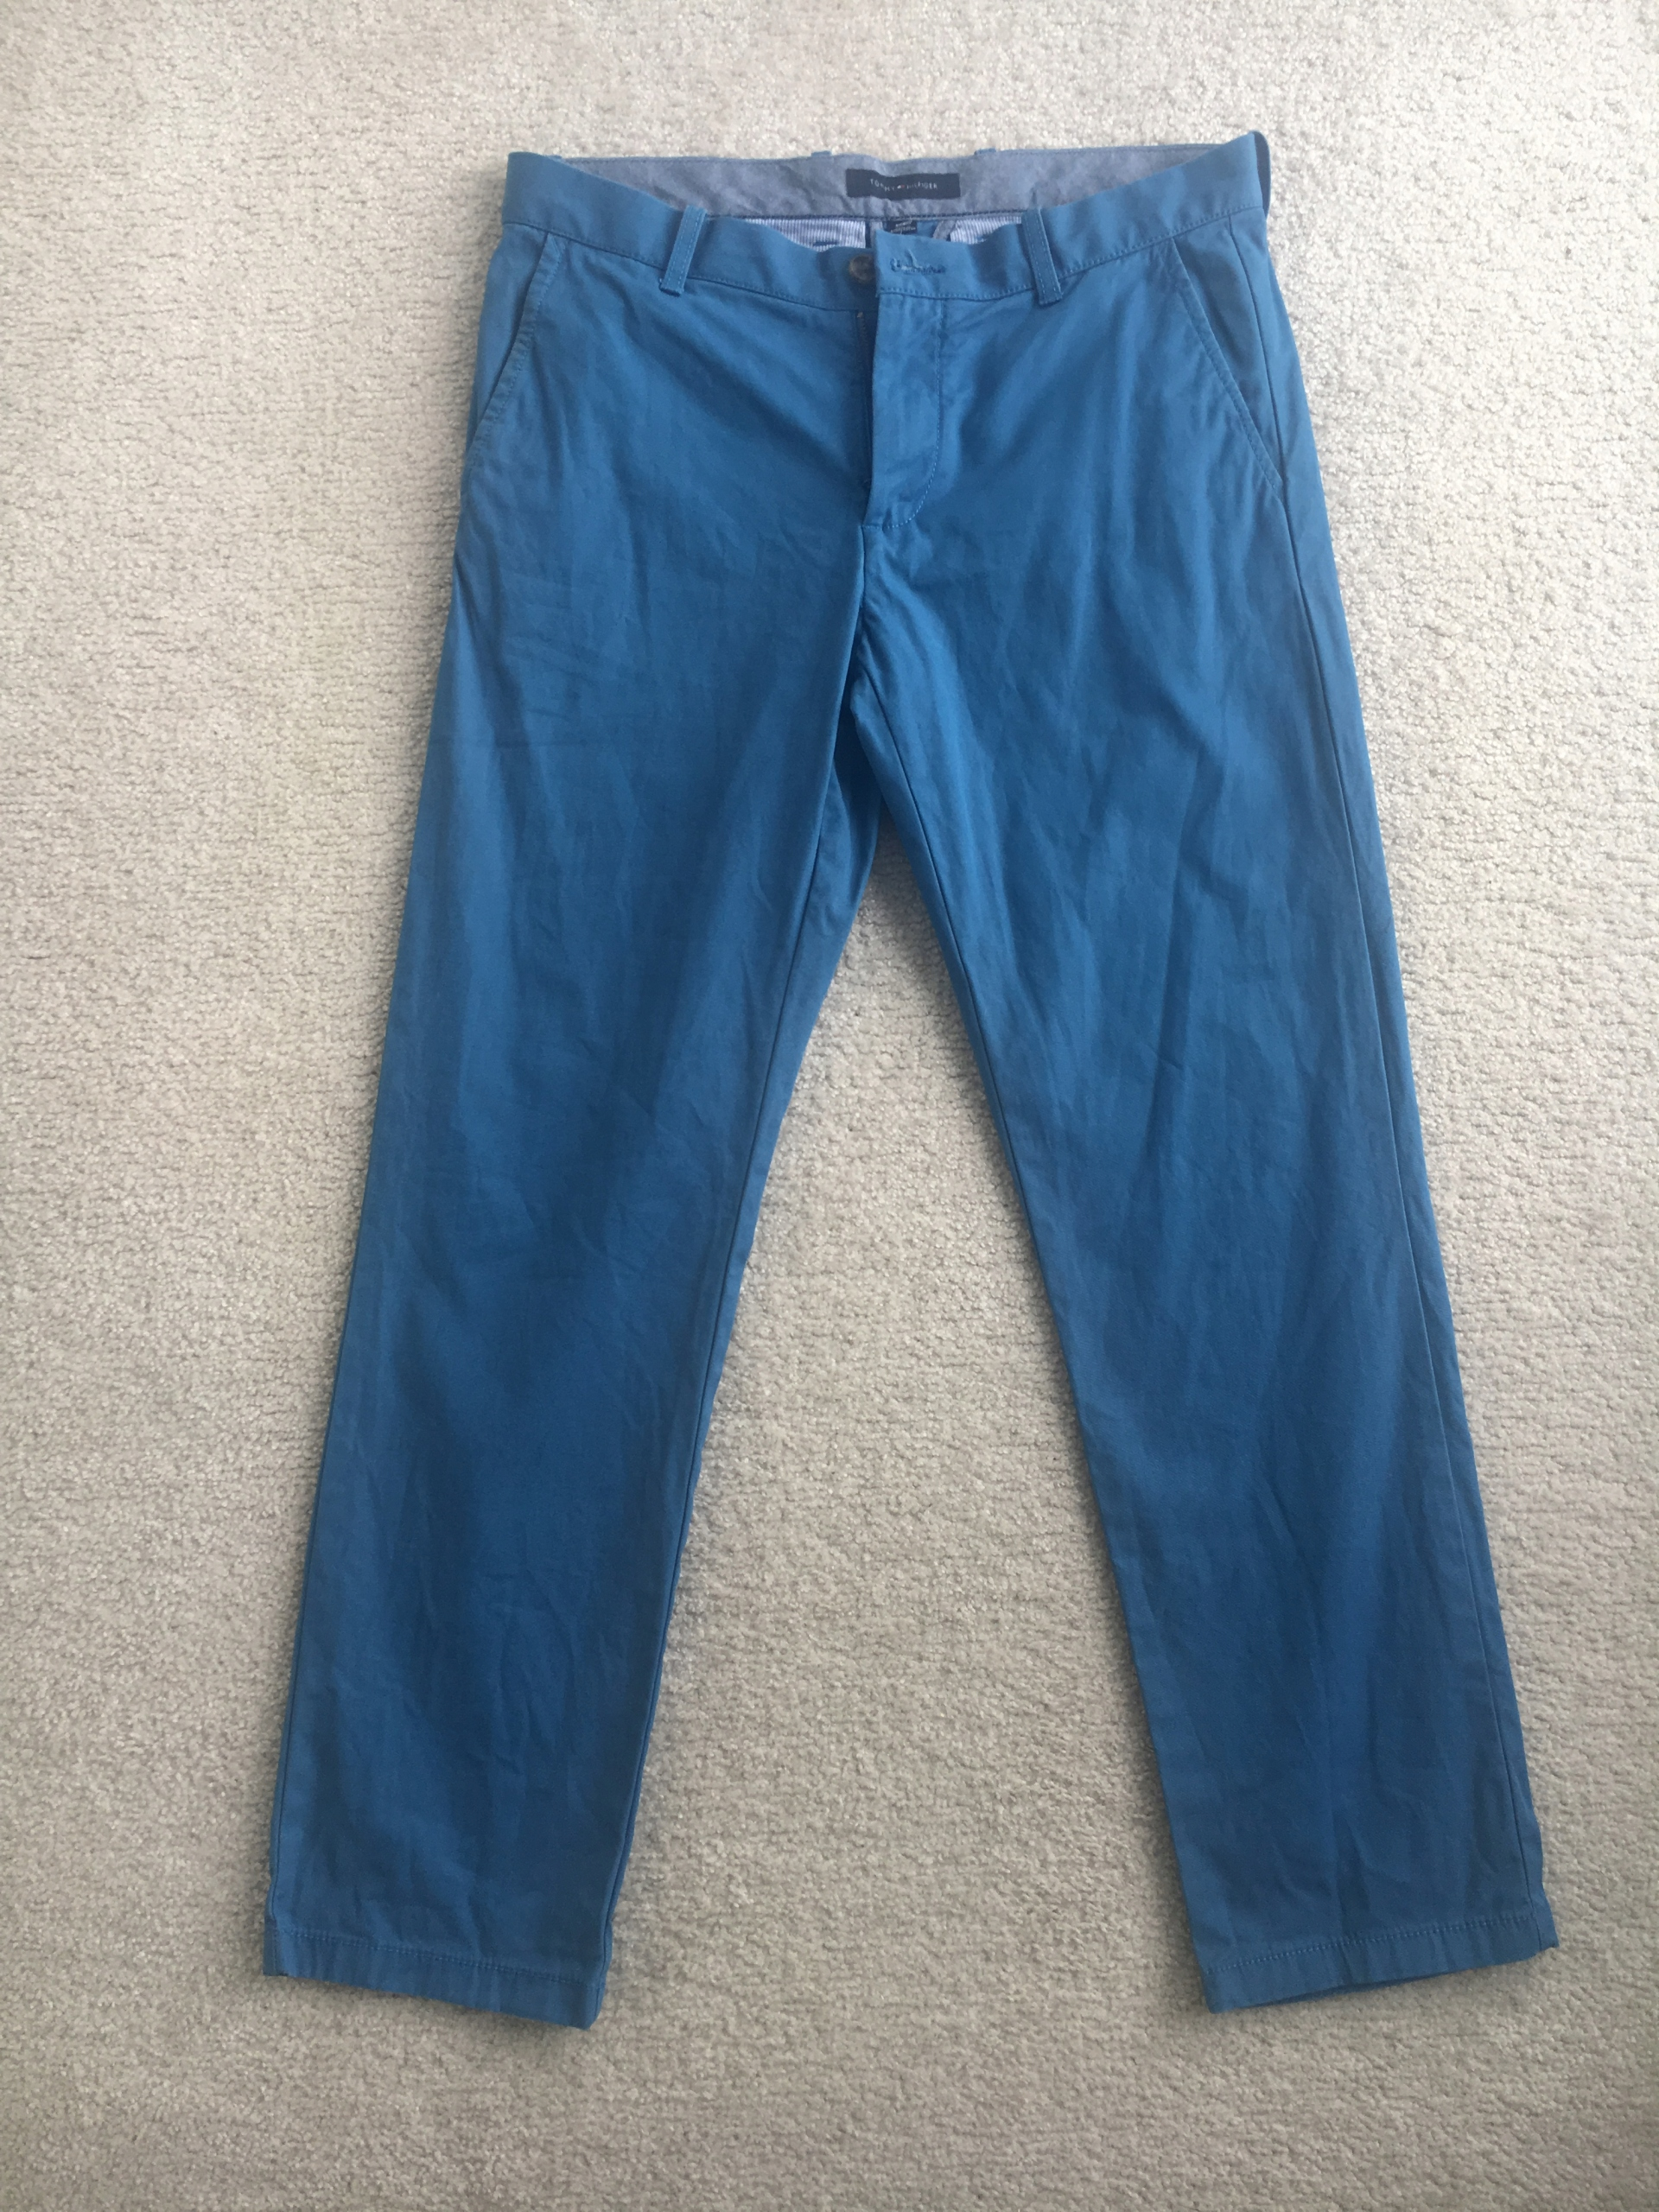 Spodnie Tommy Hilfiger nowe męskie rozmiar M